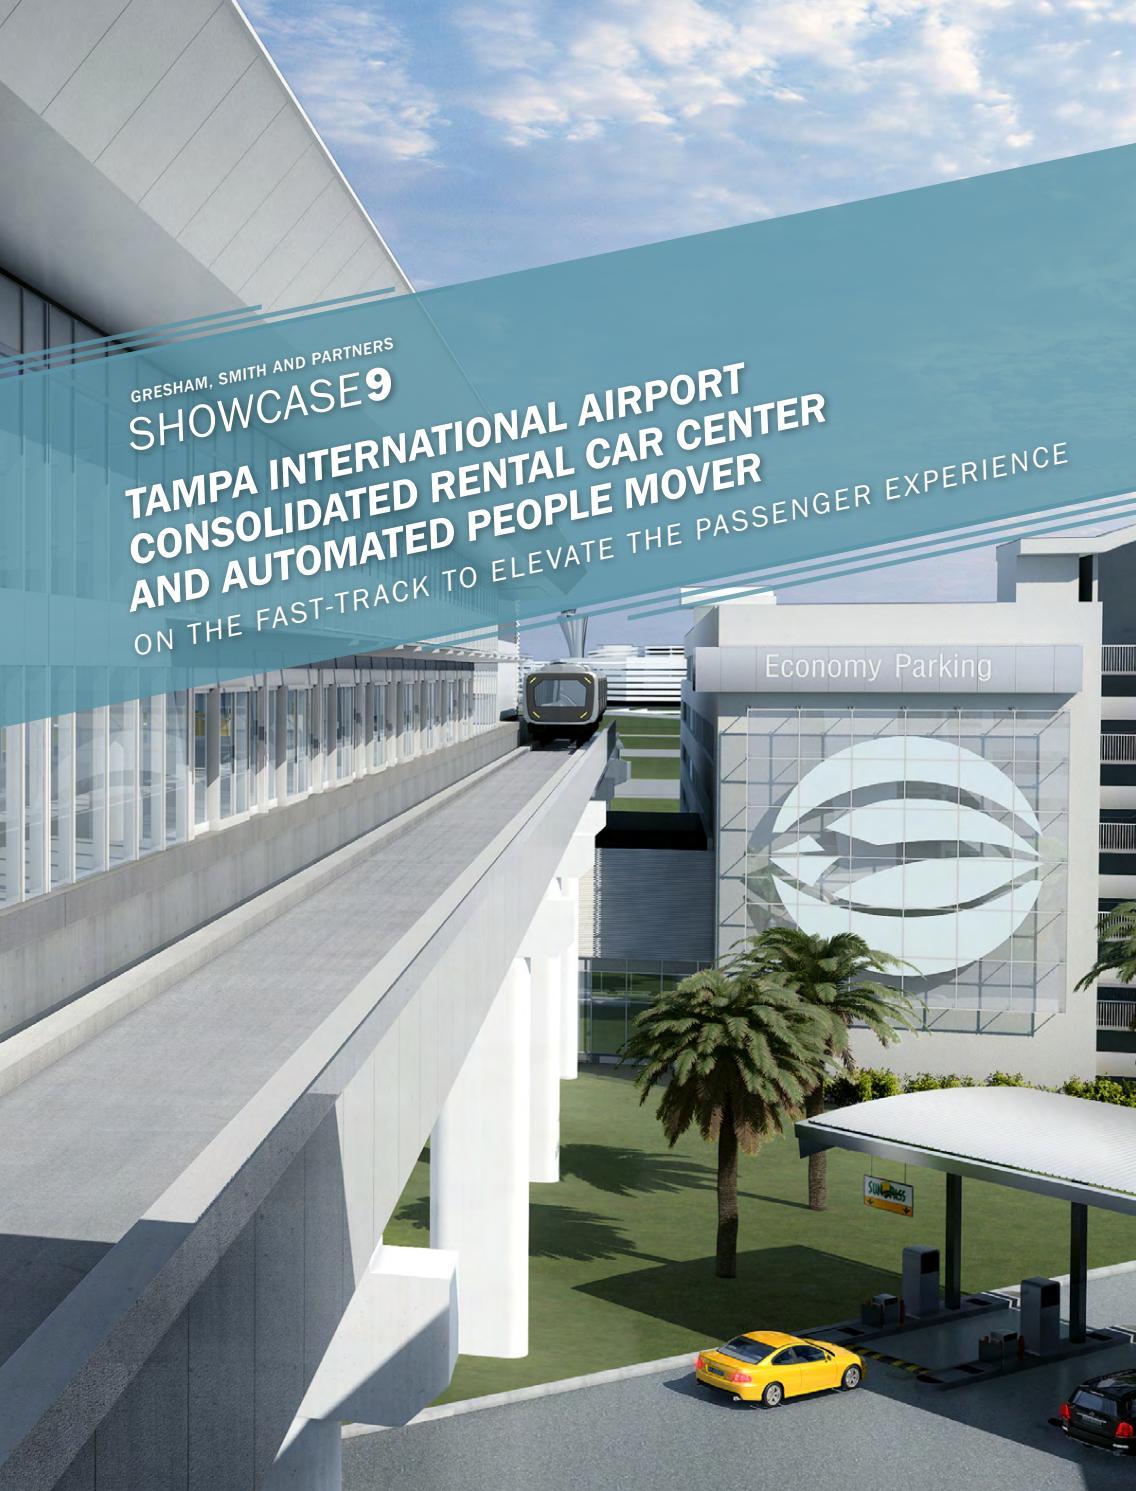 Car Rental Locations Tampa Airport